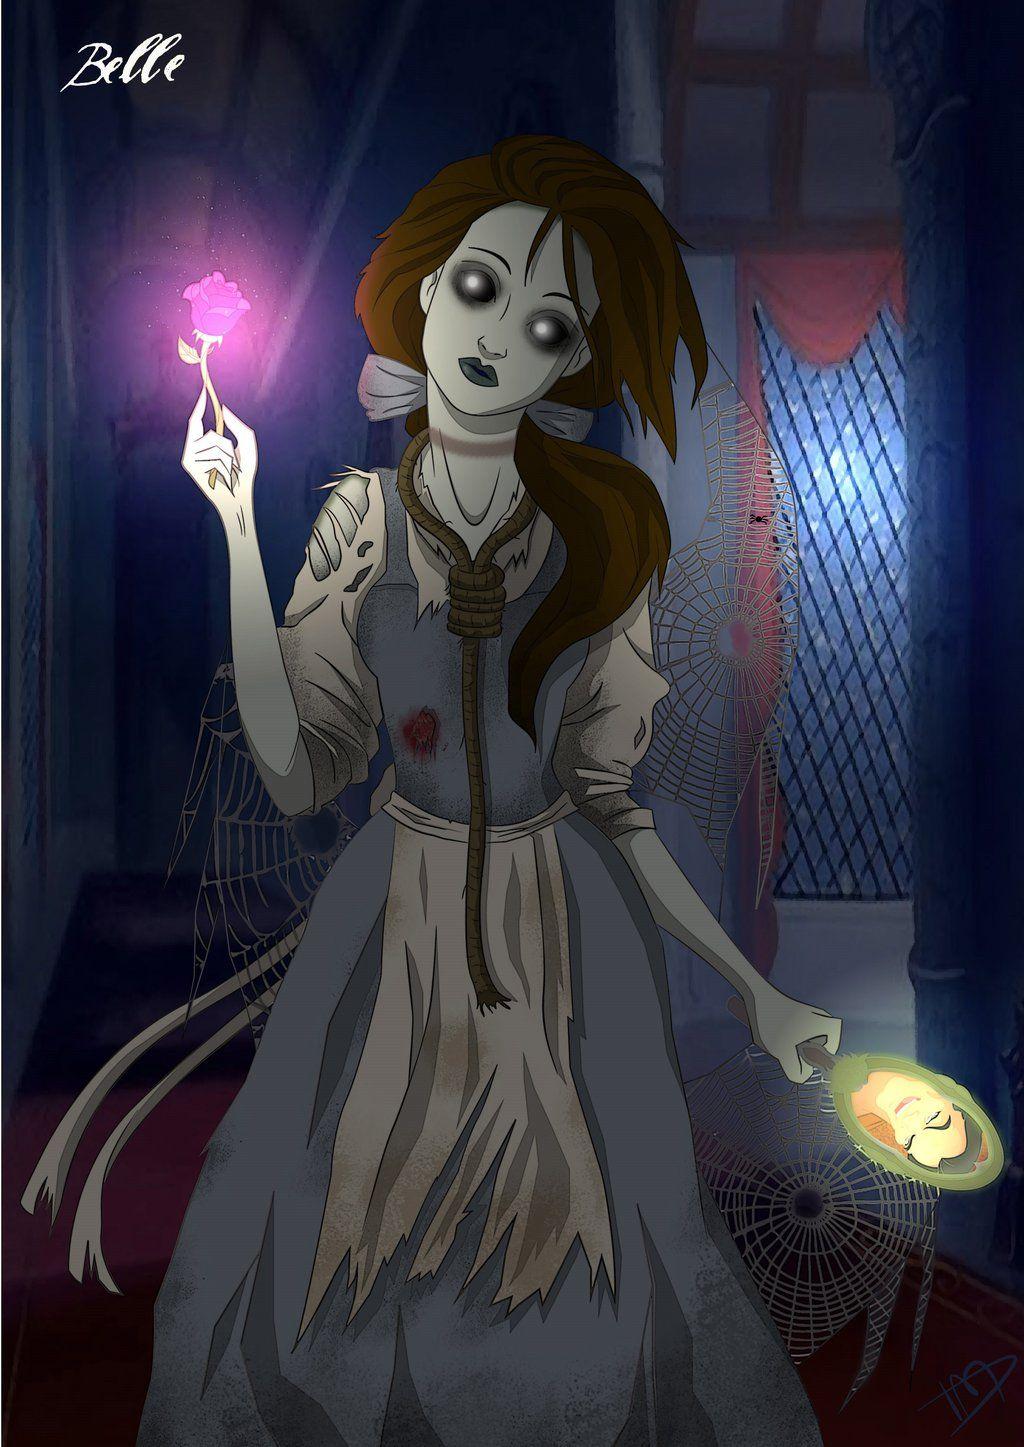 Pingl par jade booth sur disney with a twist pinterest horreur personnage principal et - Personnage film horreur ...